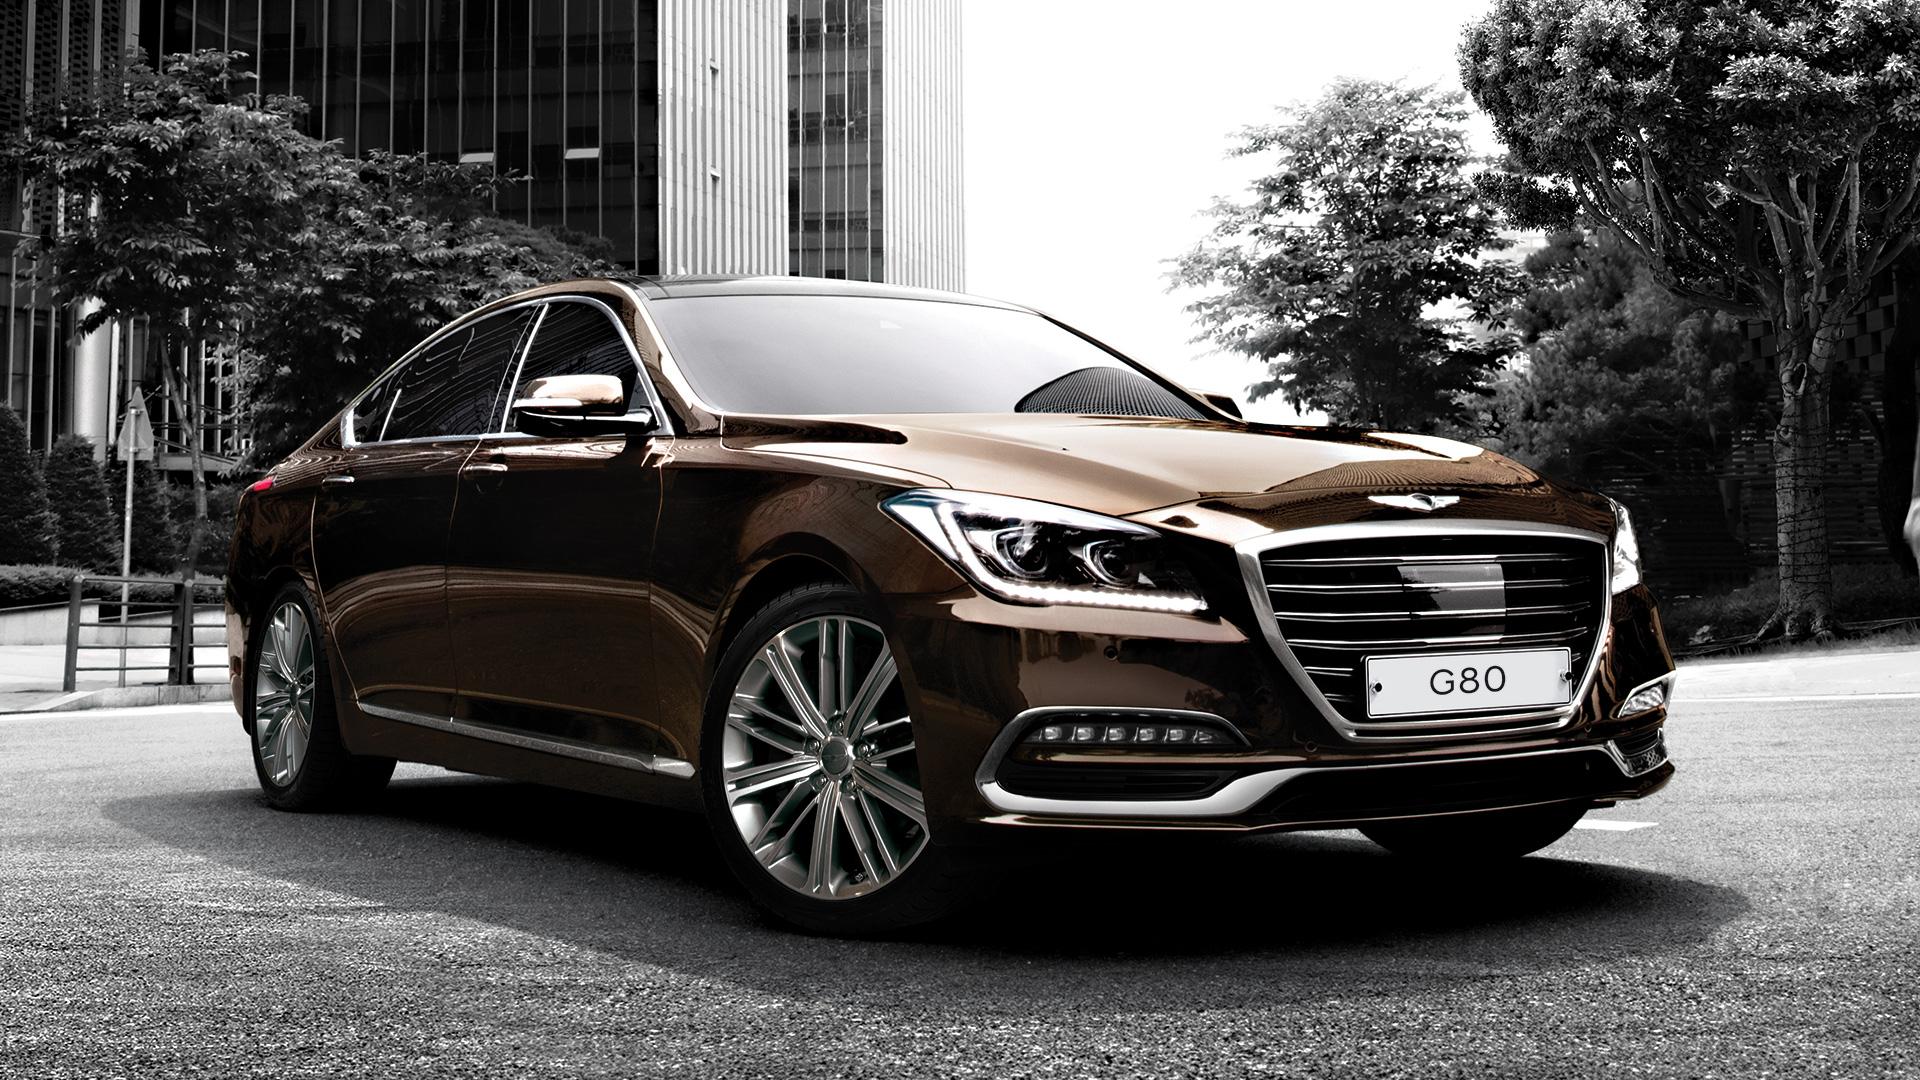 Представлен новый премиальный полноприводный седан для российского рынка